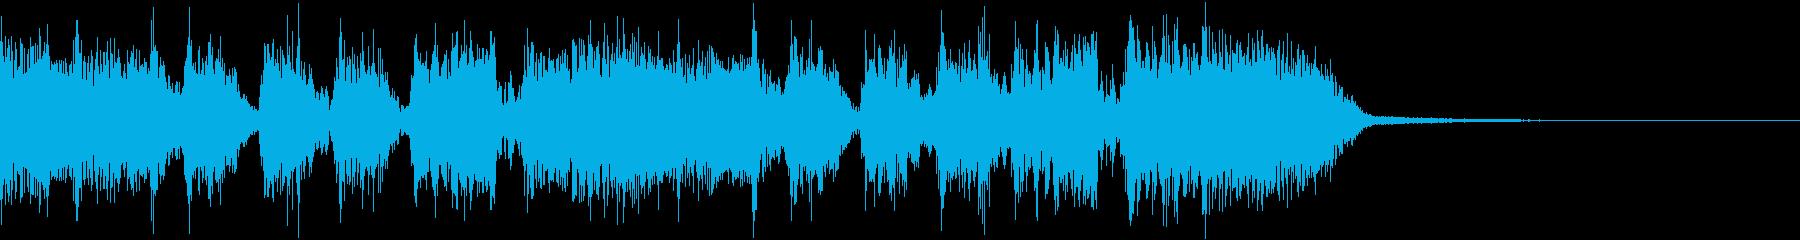 エネルギッシュ・ロックなサウンドロゴ12の再生済みの波形